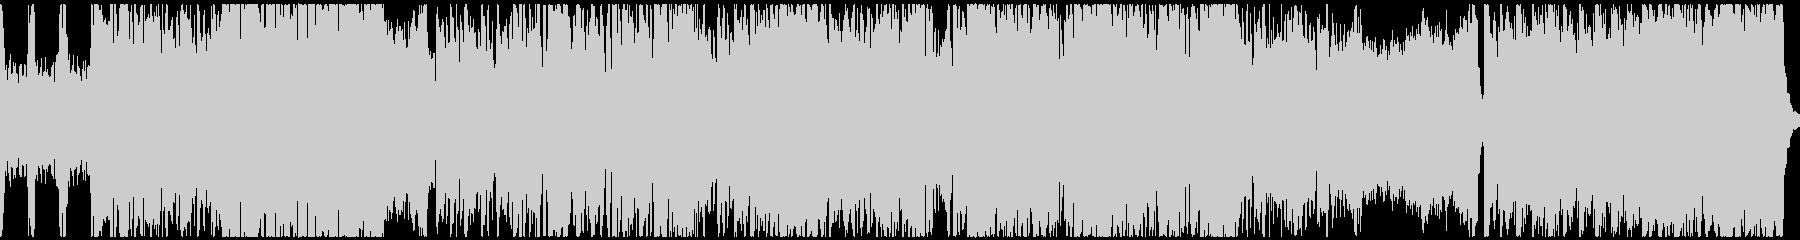 熱いフォークメタル(ループ)の未再生の波形